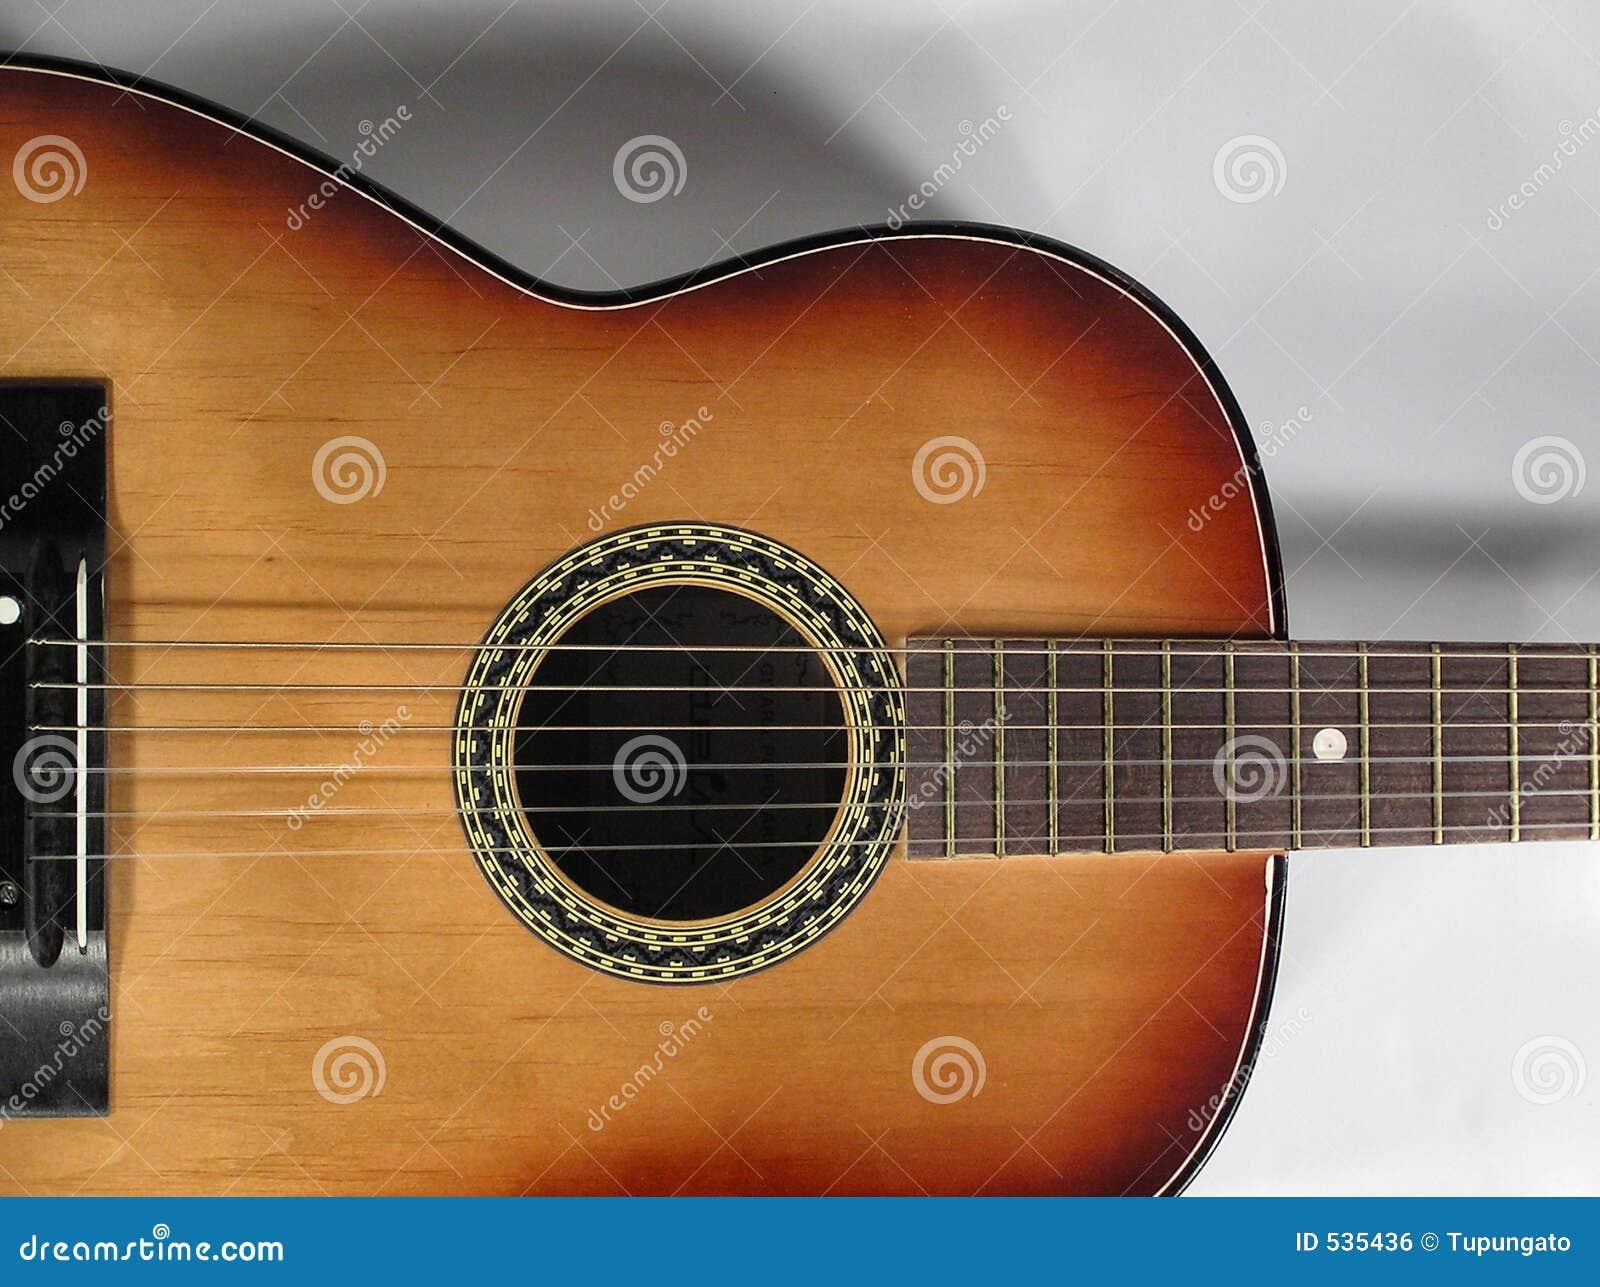 Download 吉他 库存照片. 图片 包括有 爵士乐, 桑塔纳, 绳子, 国家(地区), 字符串, 岩石, 伙计, 苦恼, 金属 - 535436